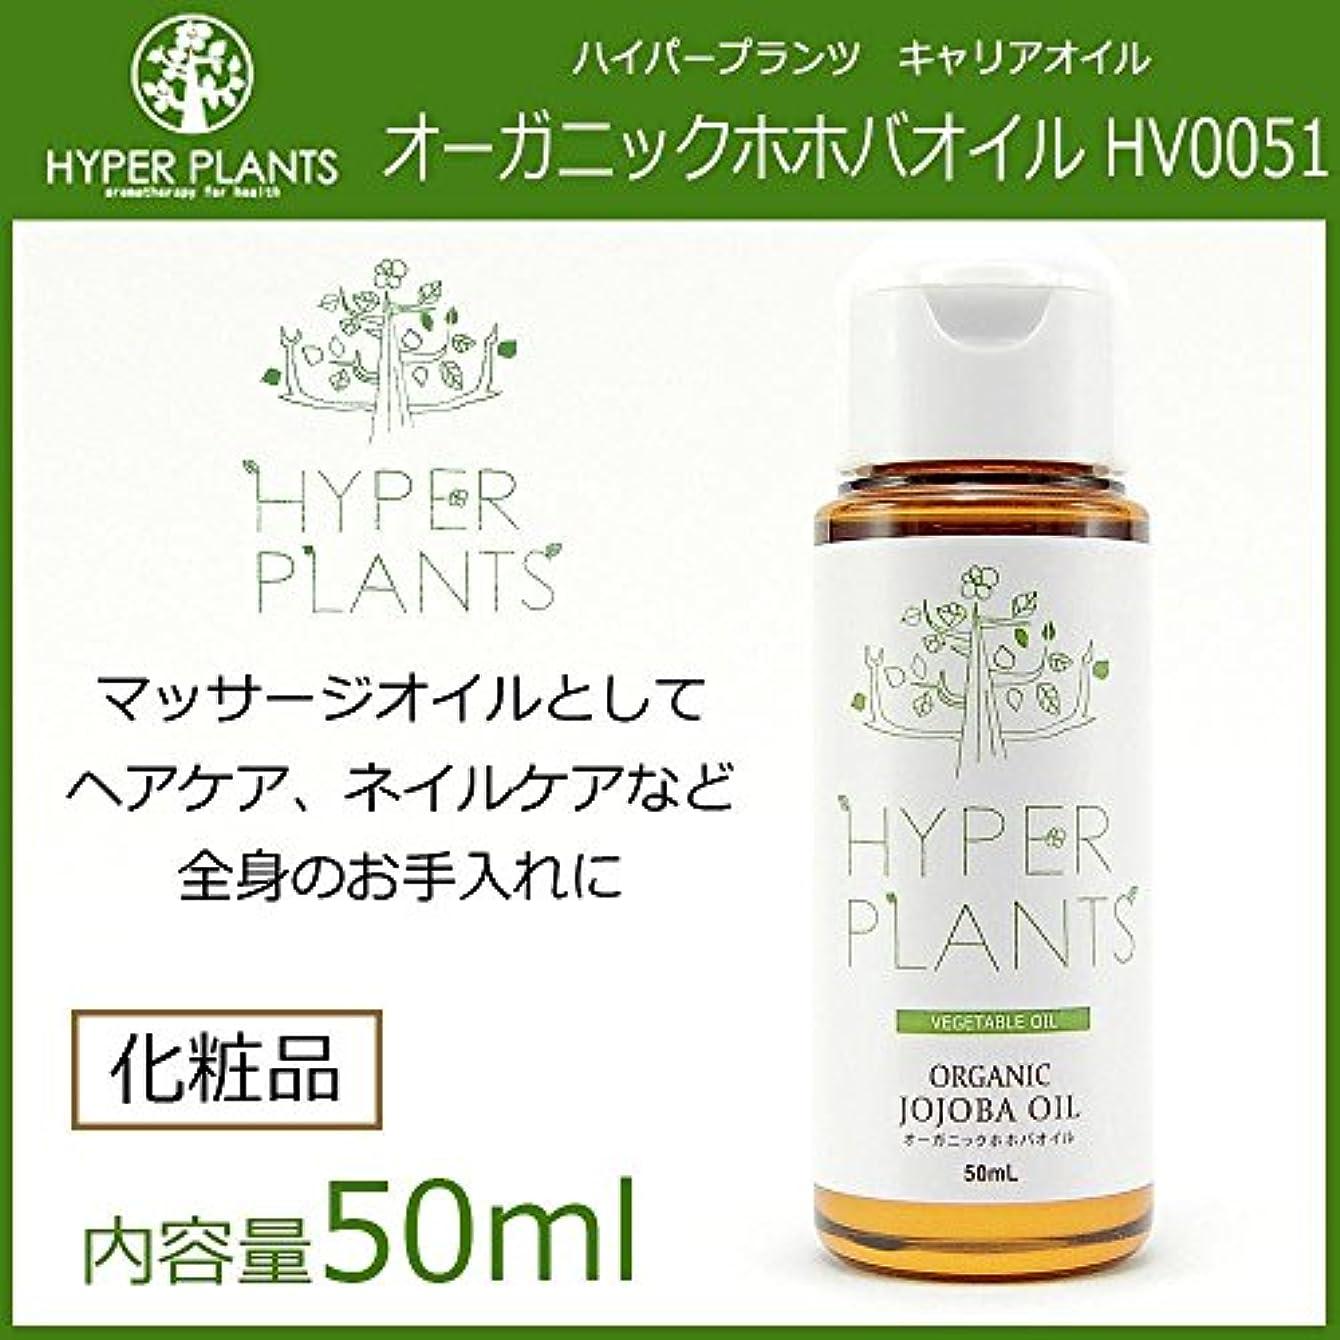 目に見える熟達上向きHYPER PLANTS ハイパープランツ キャリアオイル オーガニックホホバオイル 50ml HV0051